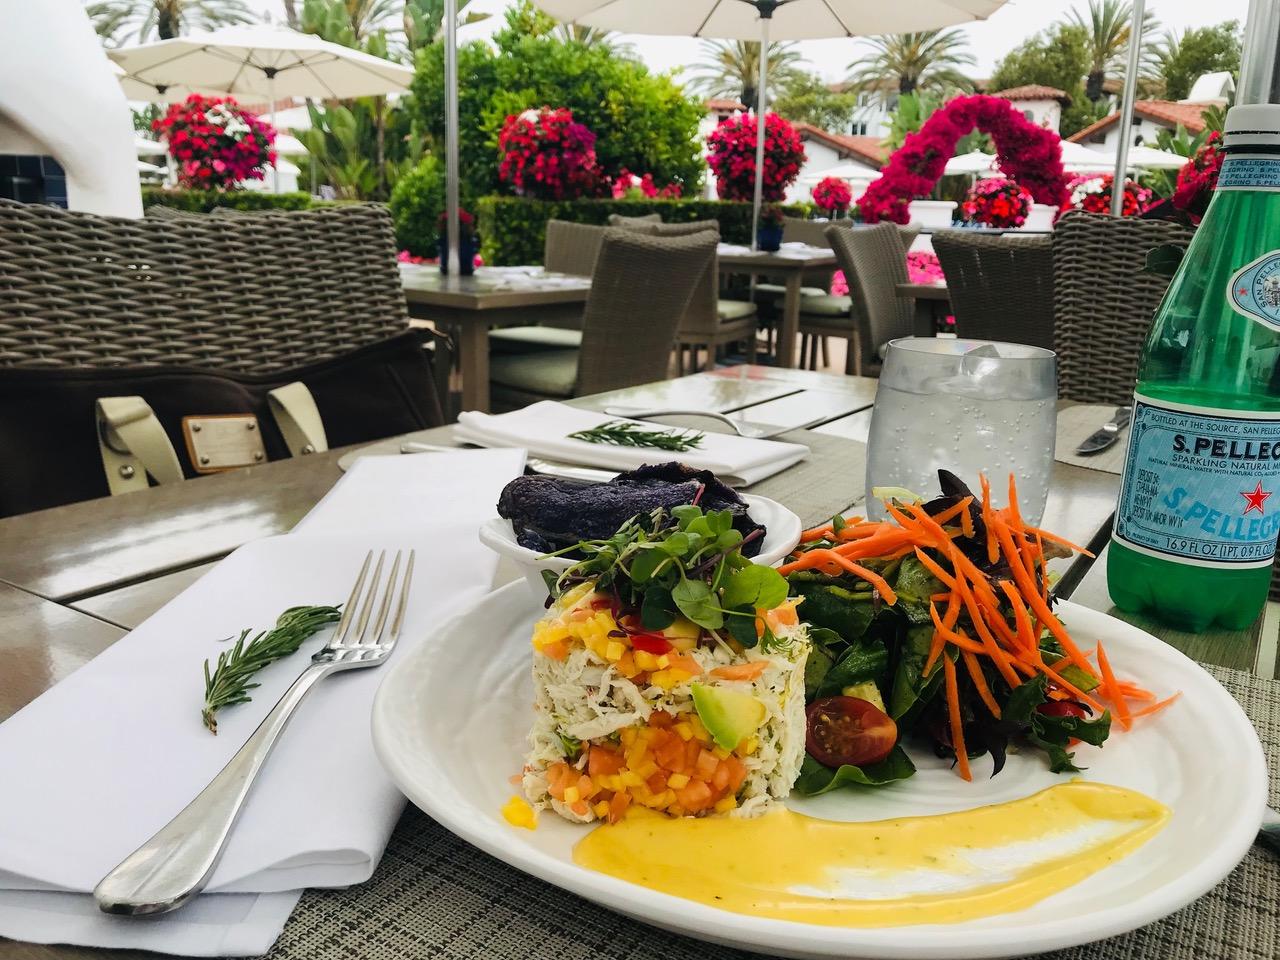 SpaCafe Crab Salad - Kira Reed Lorsch